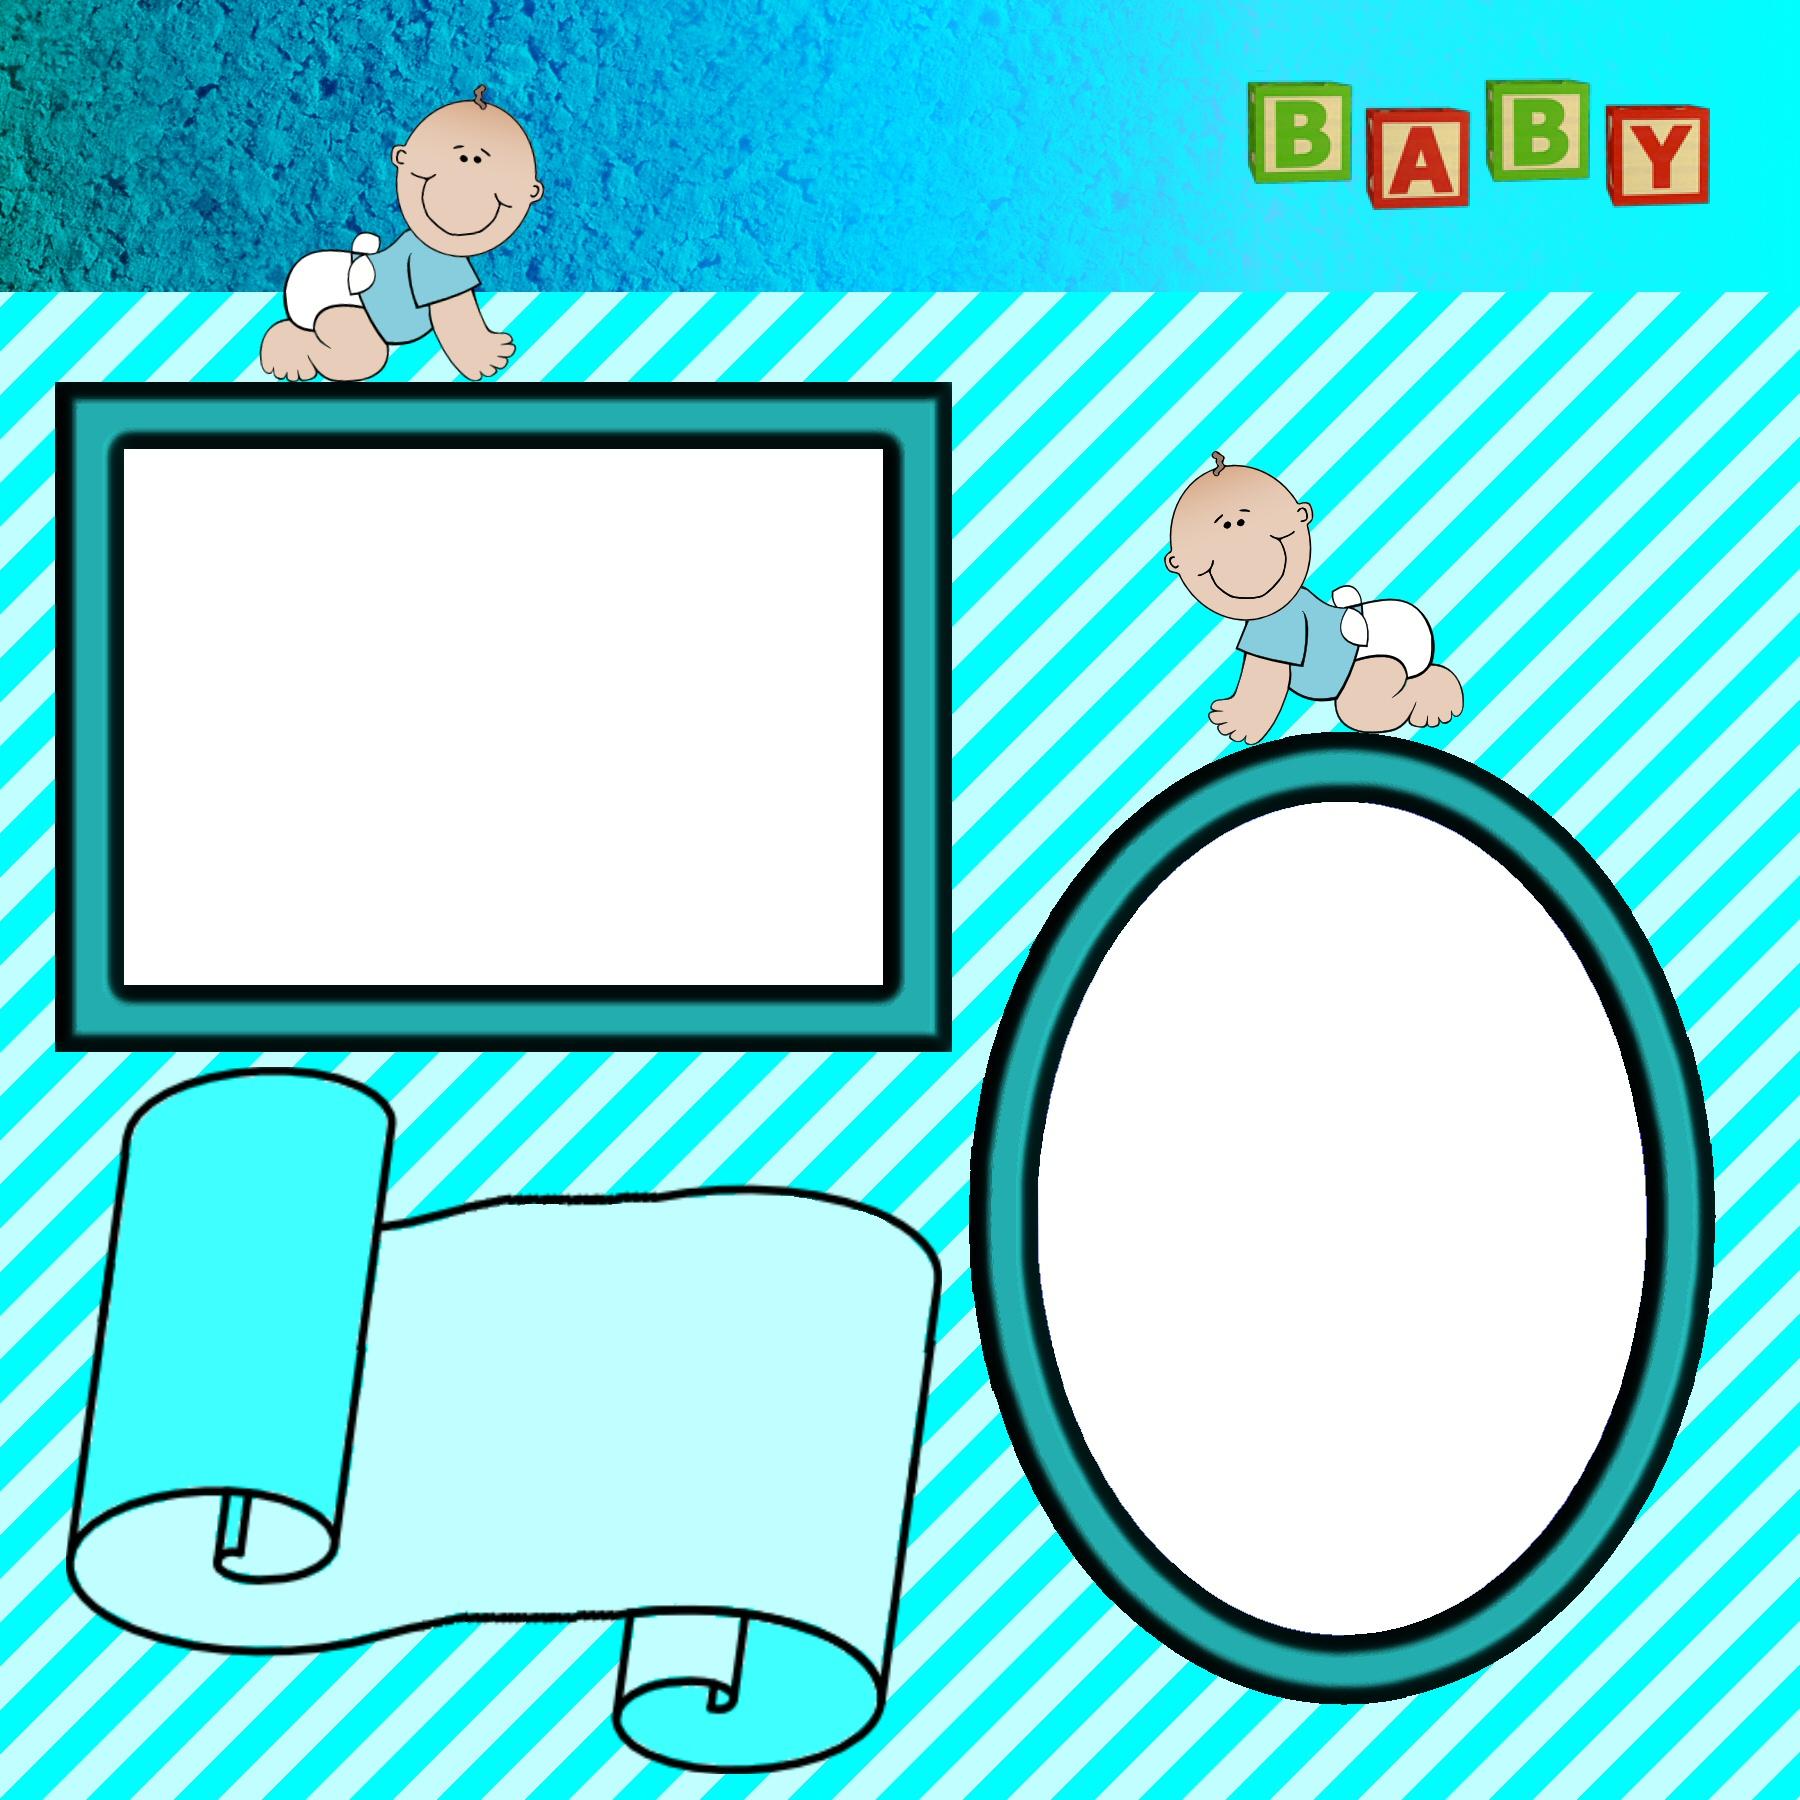 12x12_baby01_full